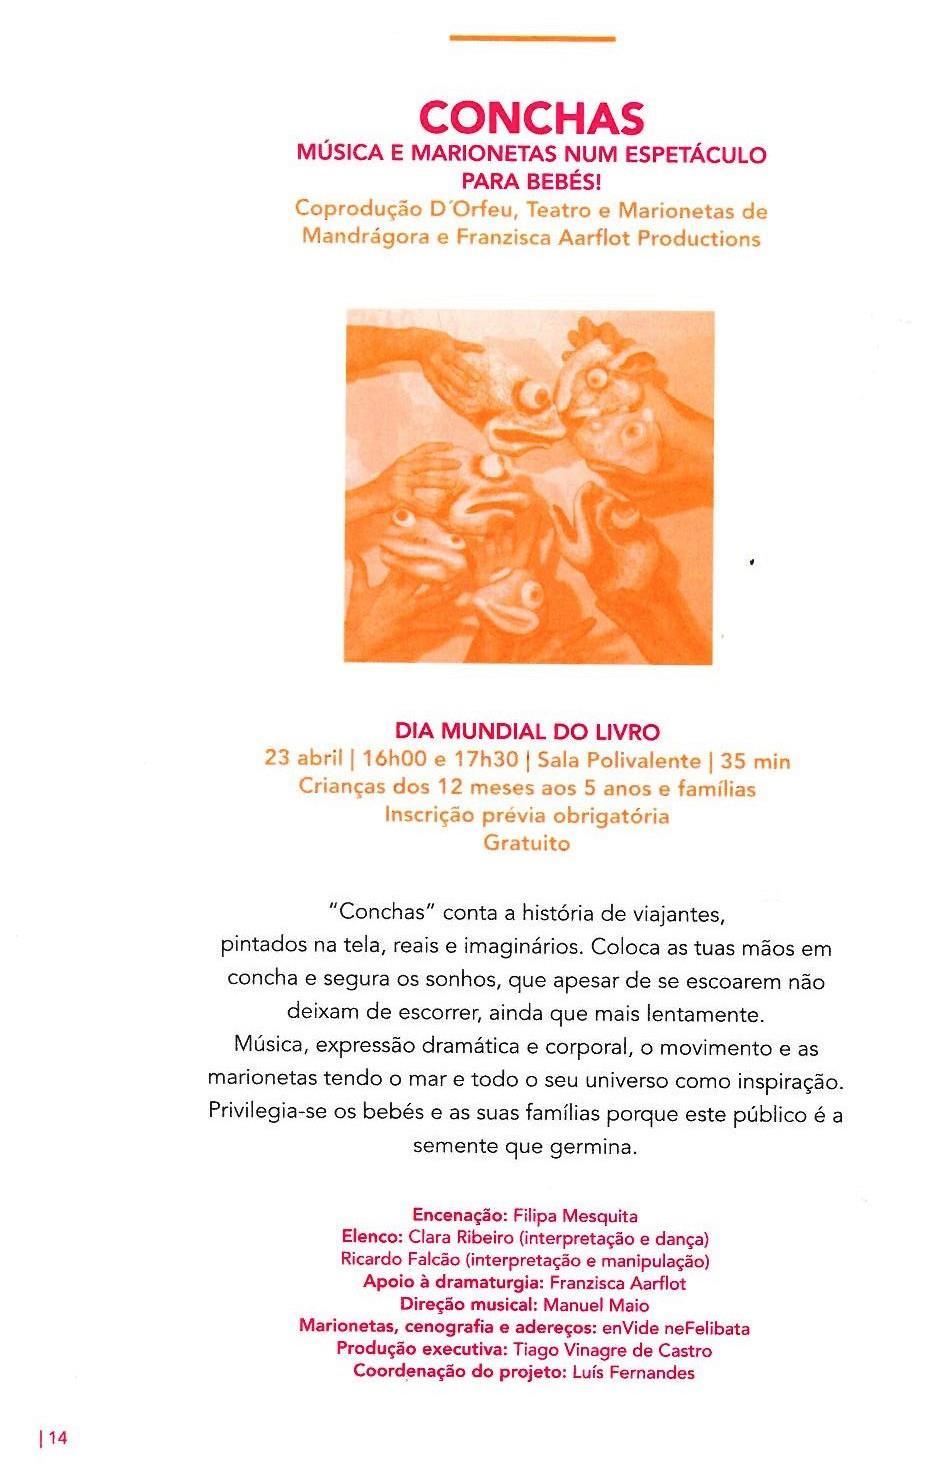 ACMSV-abr.,maio,jun.,jul.'16-p.14-Conchas : música e marionetas num espetáculo para bebés : Dia Mundial do Livro.jpg